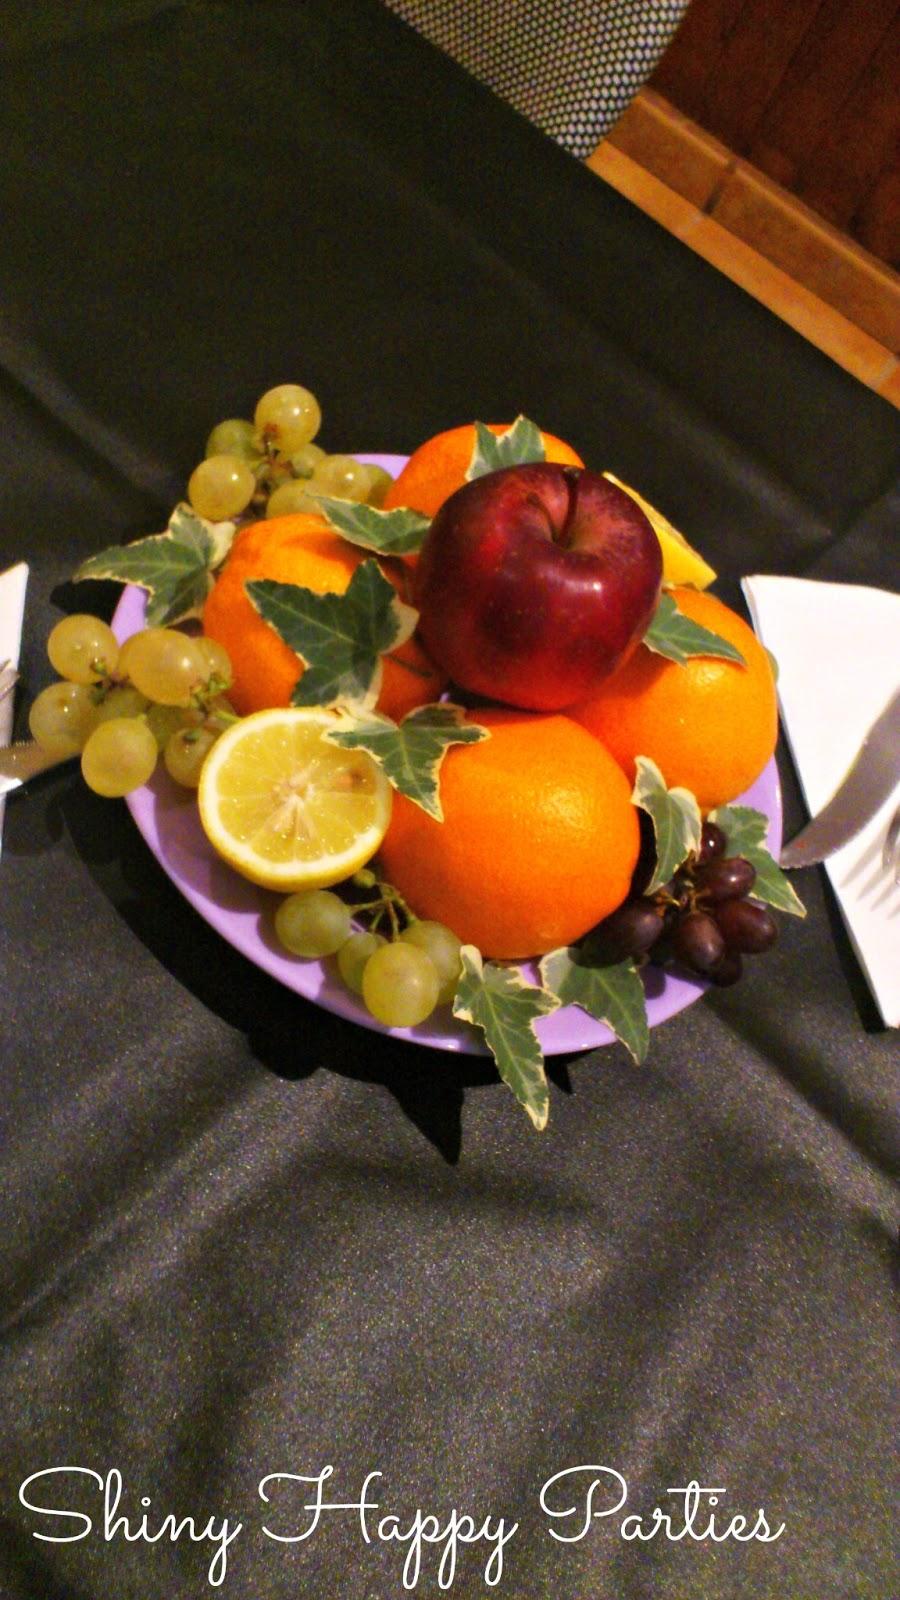 Centros de mesa de fruta para bautizo black hairstyle for Centros de frutas